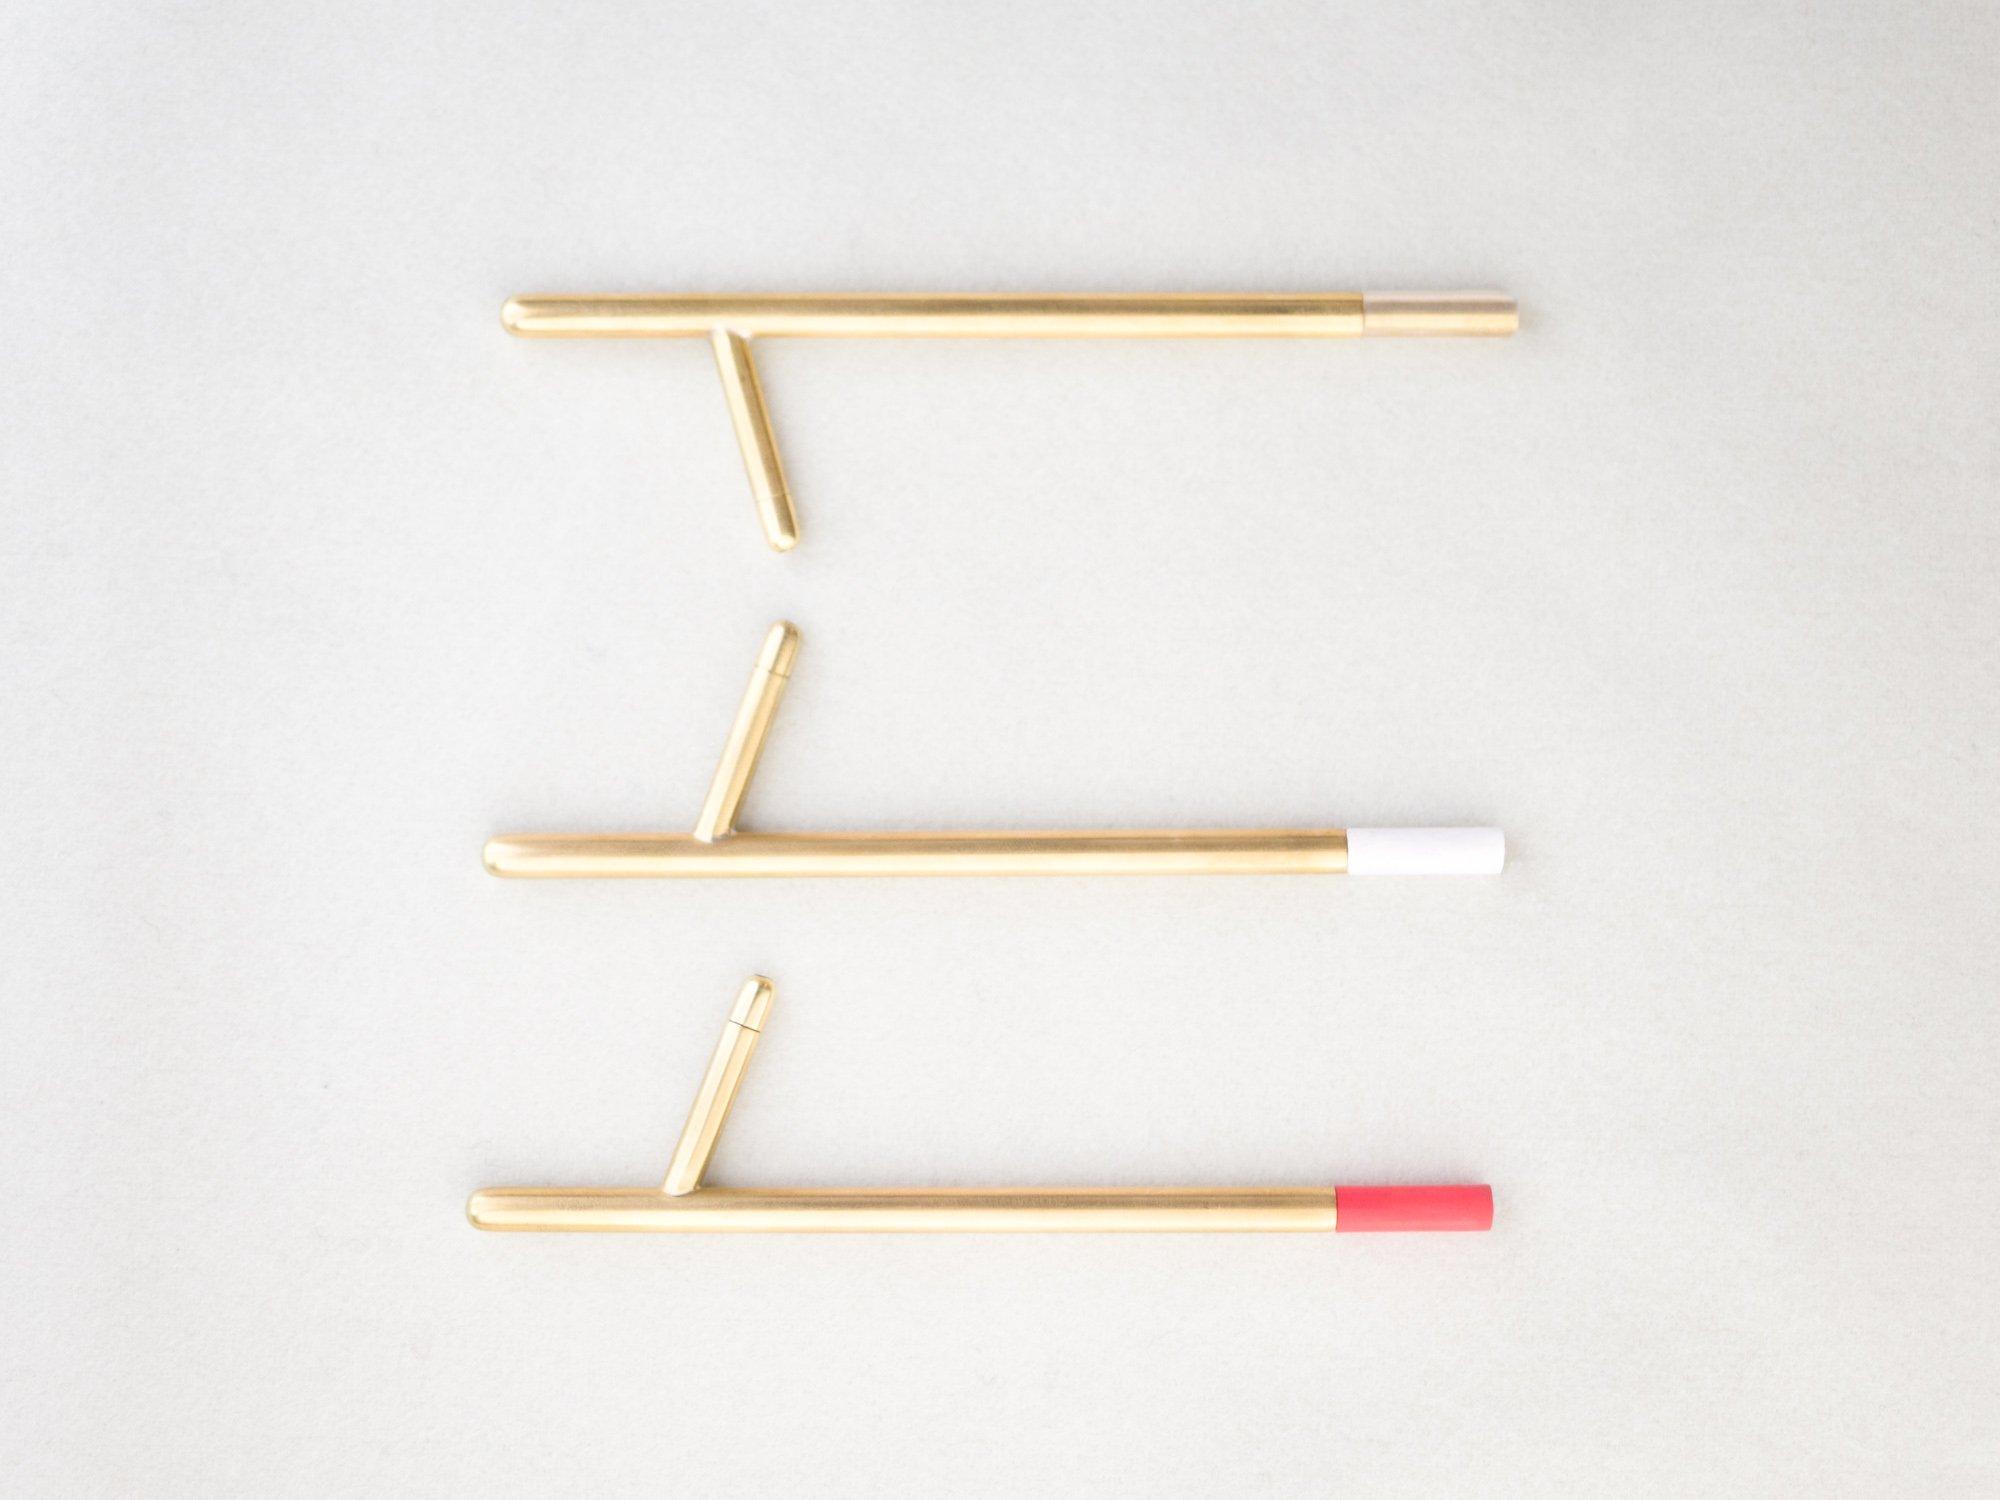 Le sifflu, objet thérapeutique mécanique par Smarin par Design Maroc